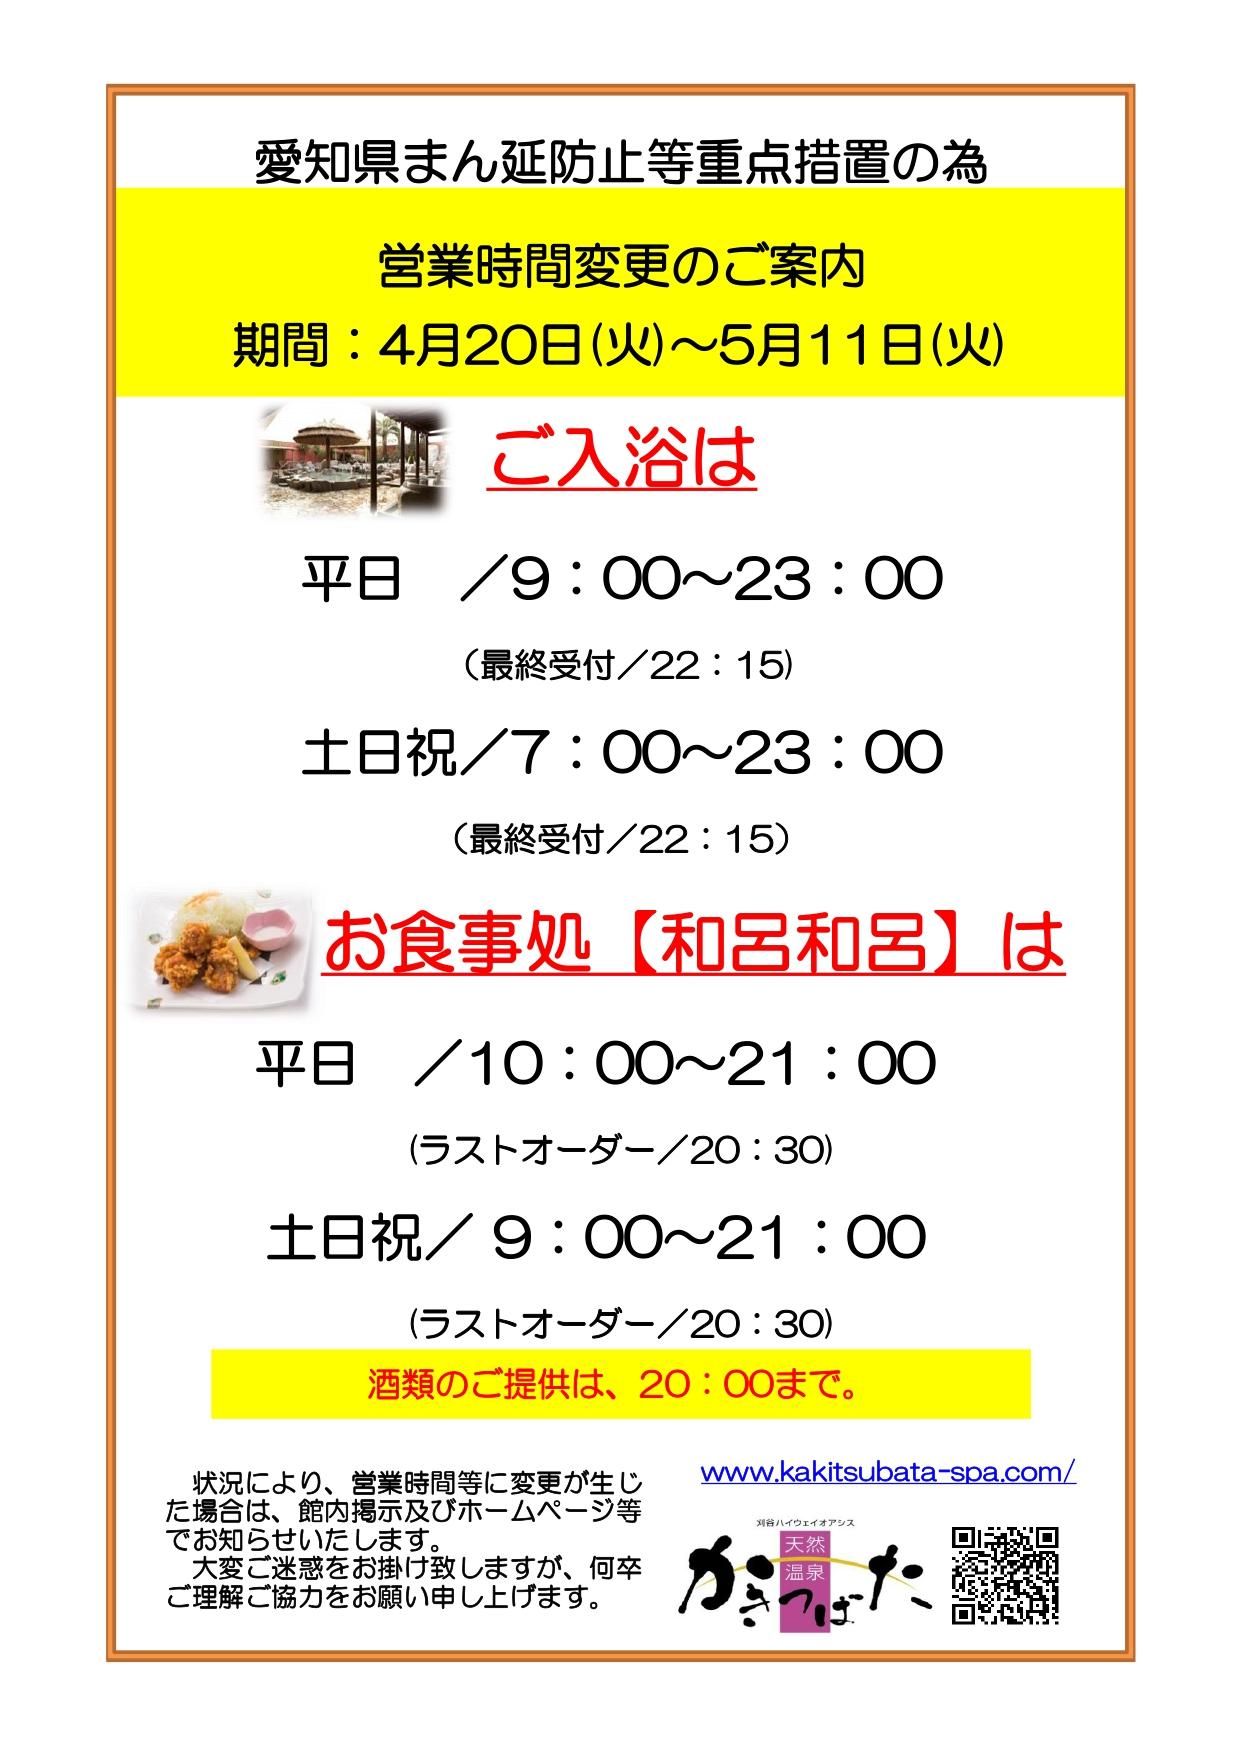 お食事処【和呂和呂】の営業時間変更のお知らせ